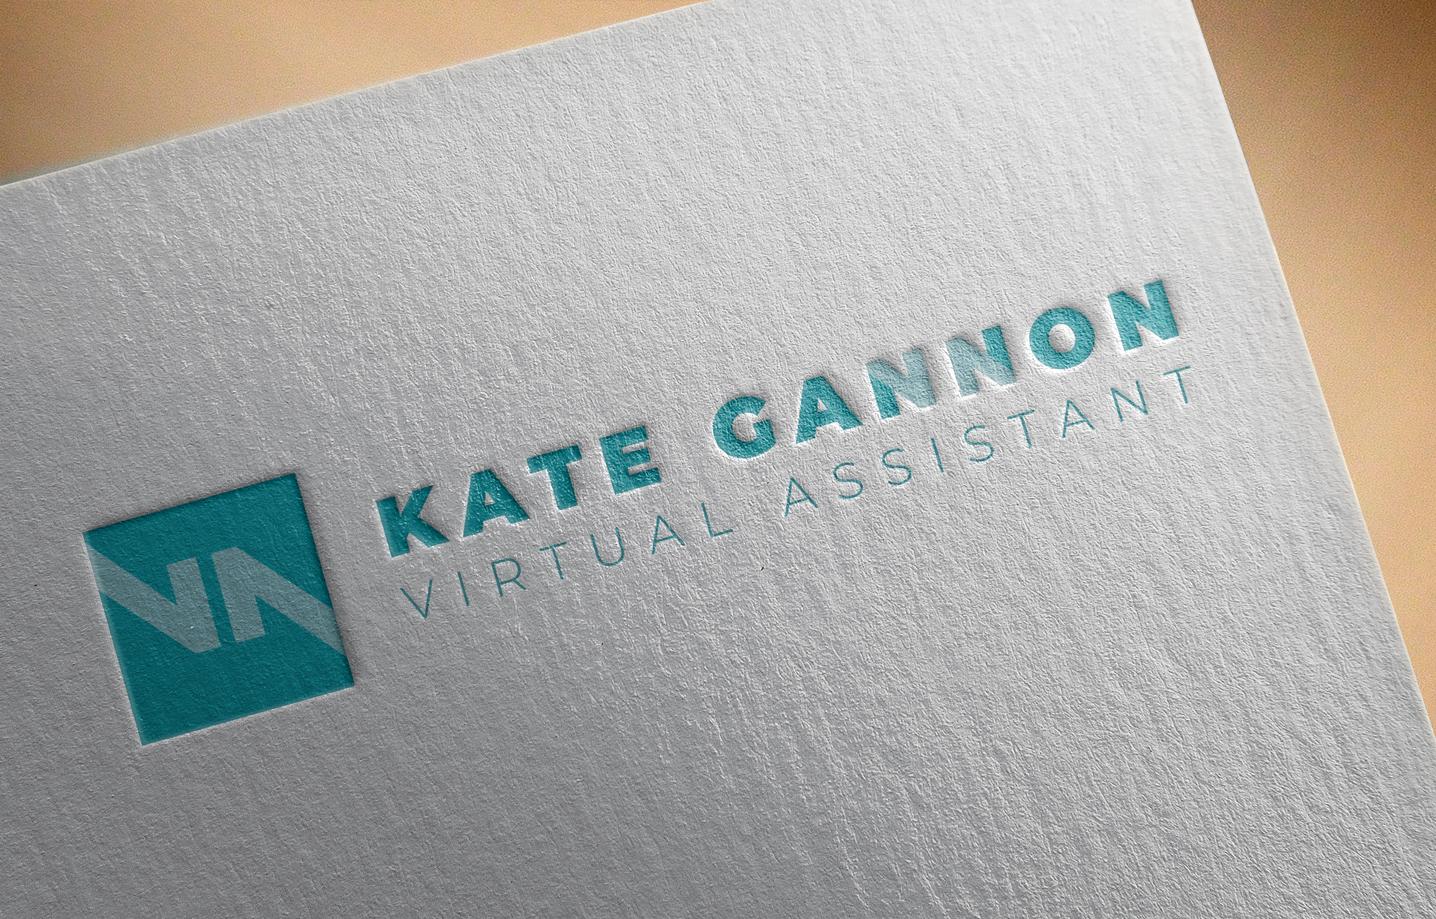 Kate Gannon Virtual Assistant